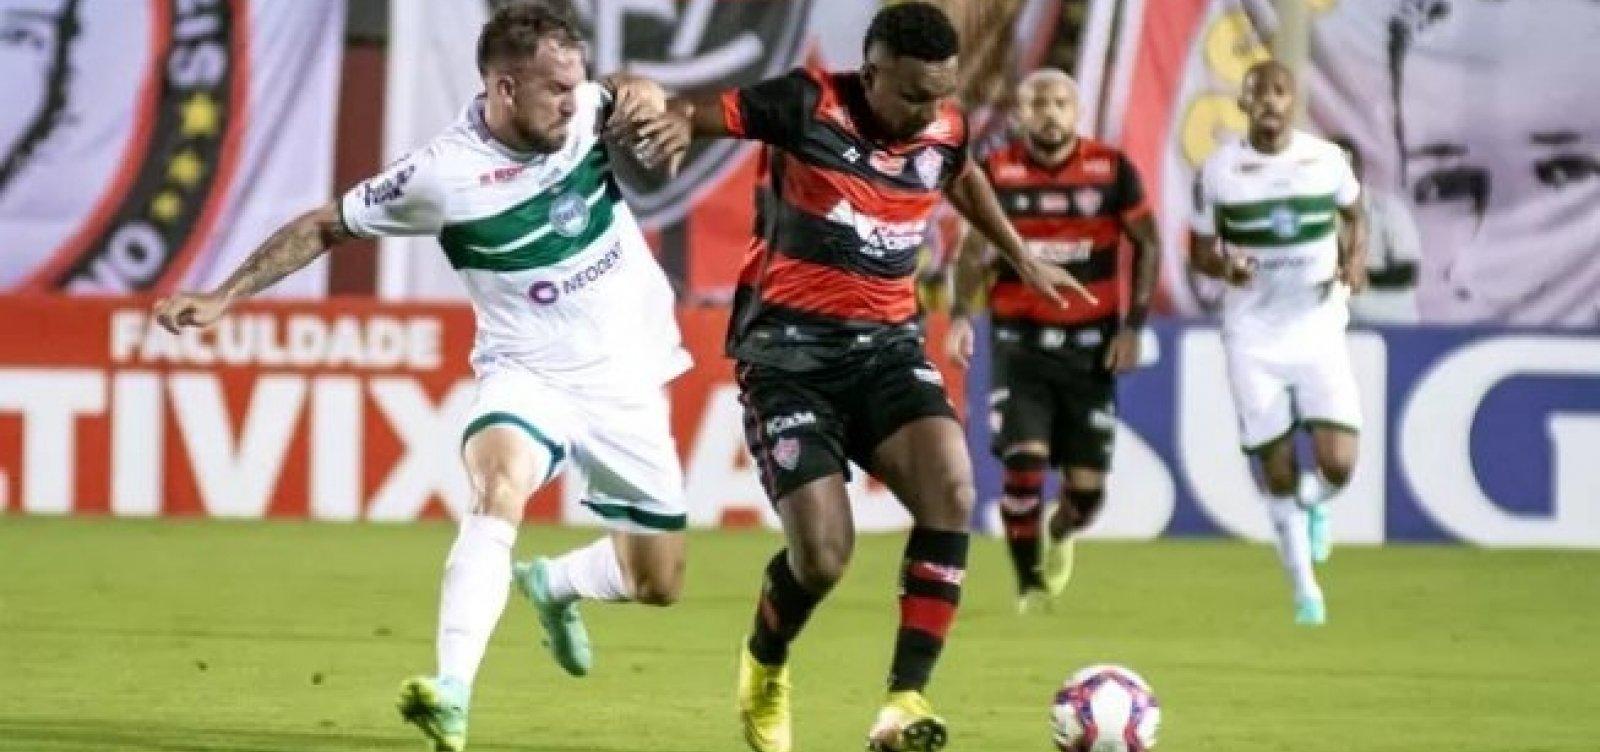 Vitória fica no empate sem gols com o Coritiba e permanece na zona